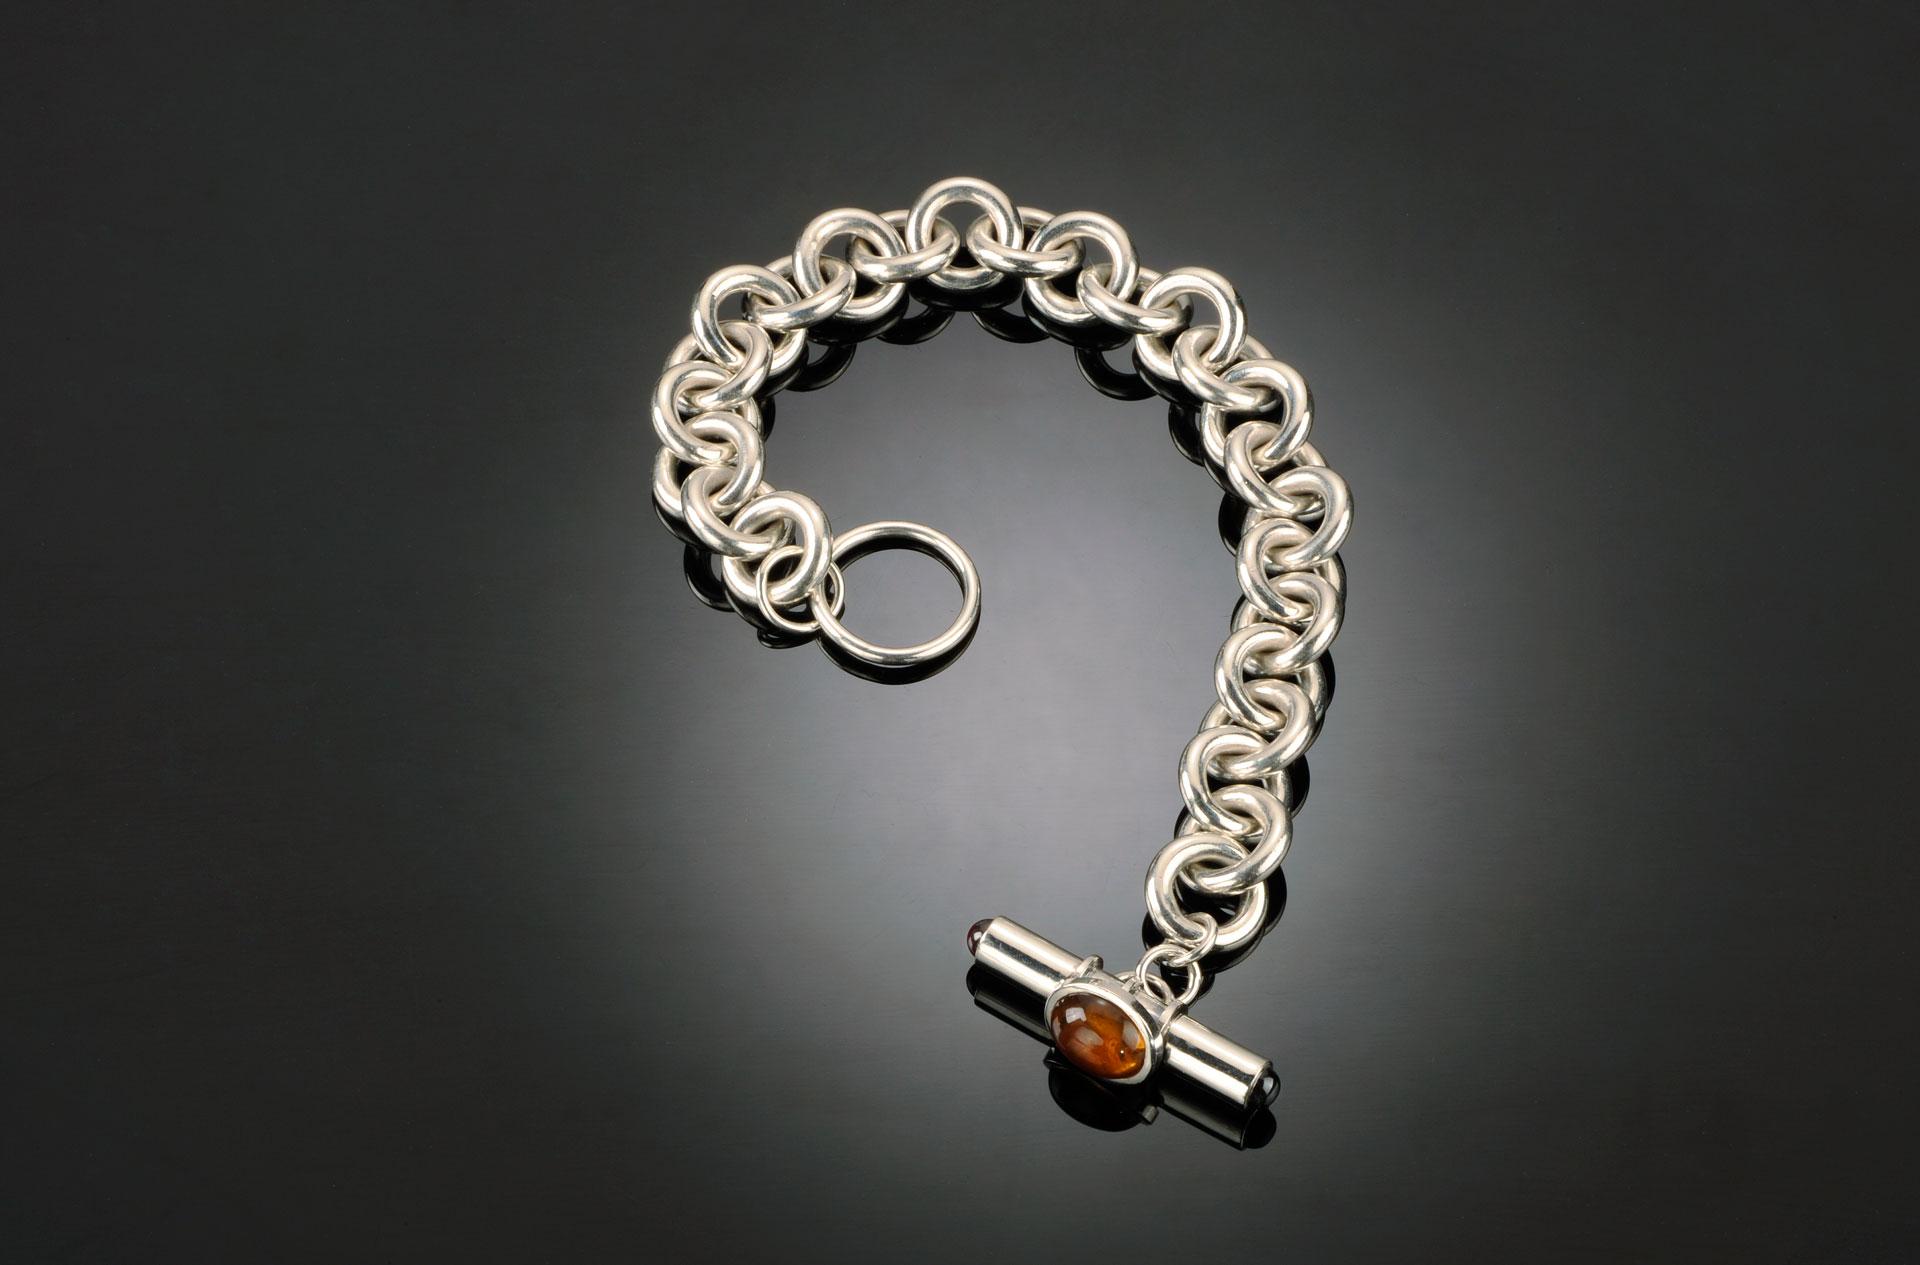 Bracelet-Web-Smart-Final.jpg